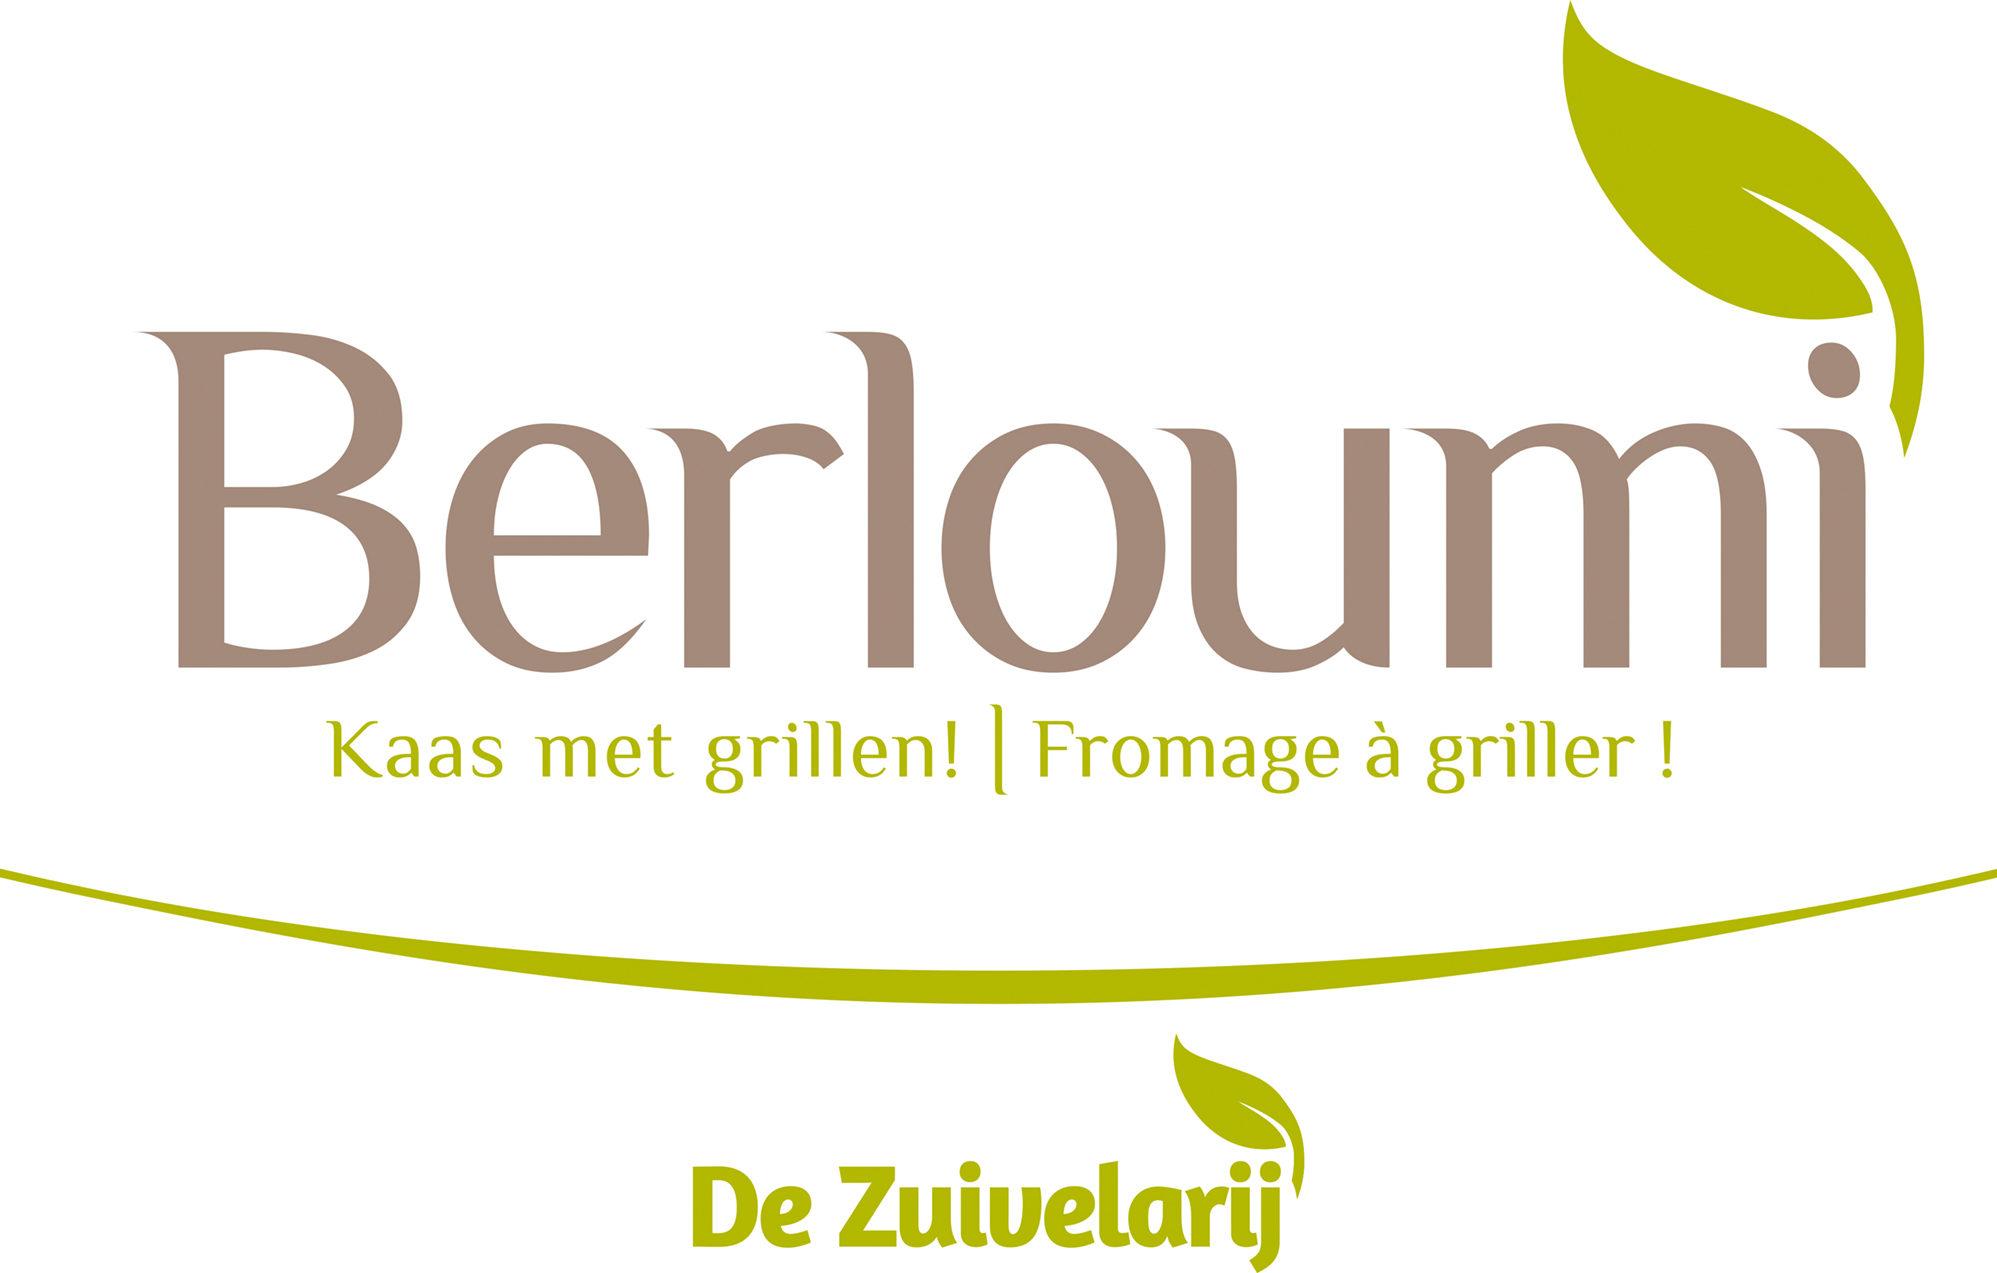 Logo Berloumi alle merken